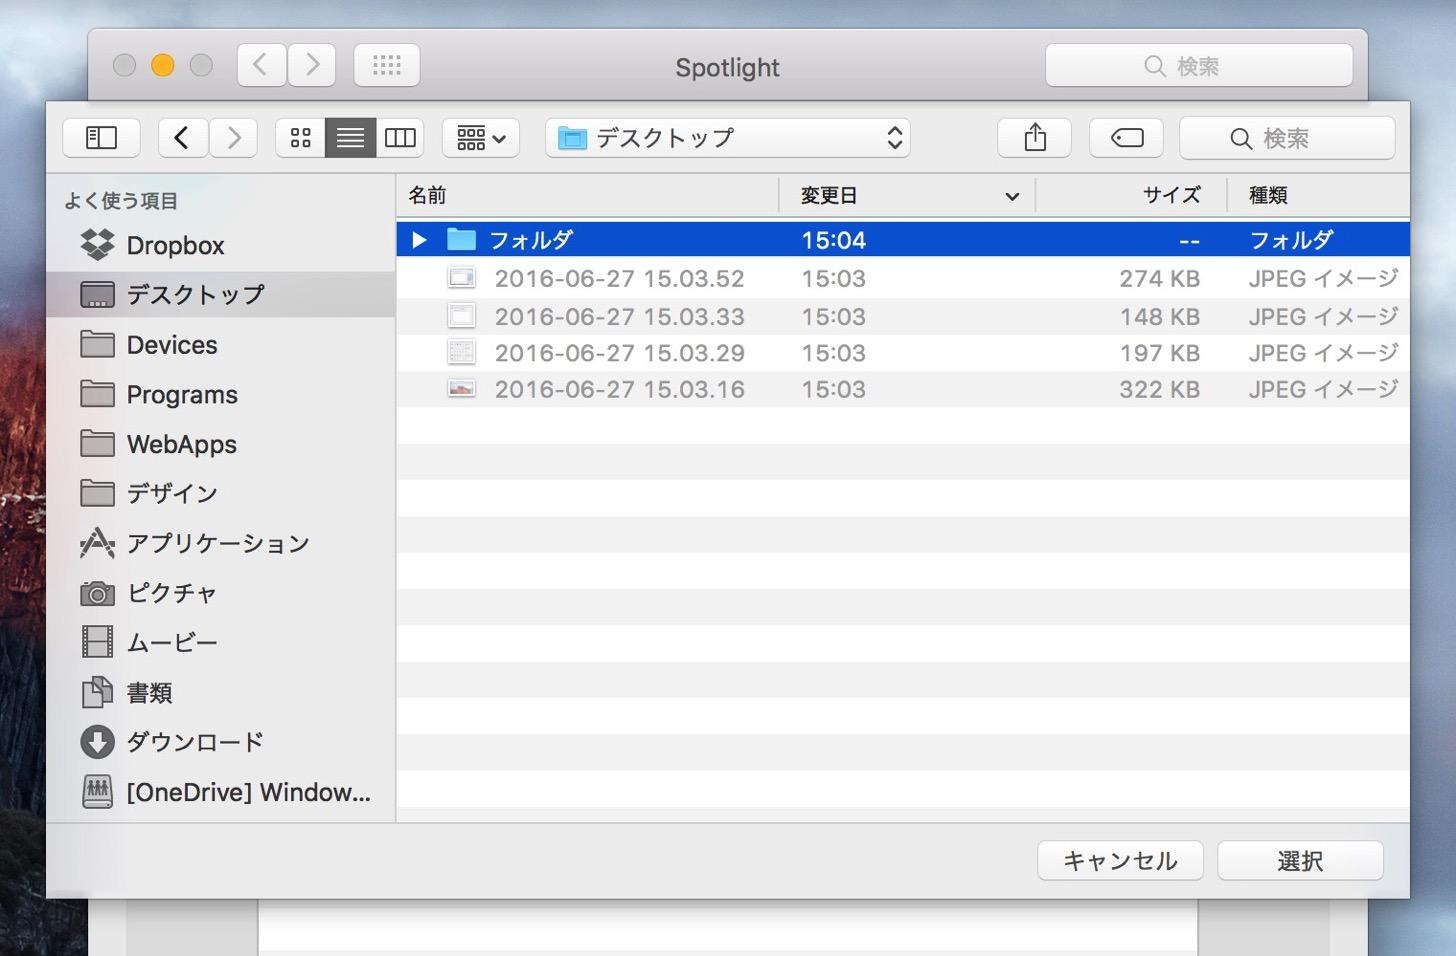 Spotlightの検索対象から外したいフォルダまたはディスクを選択します。